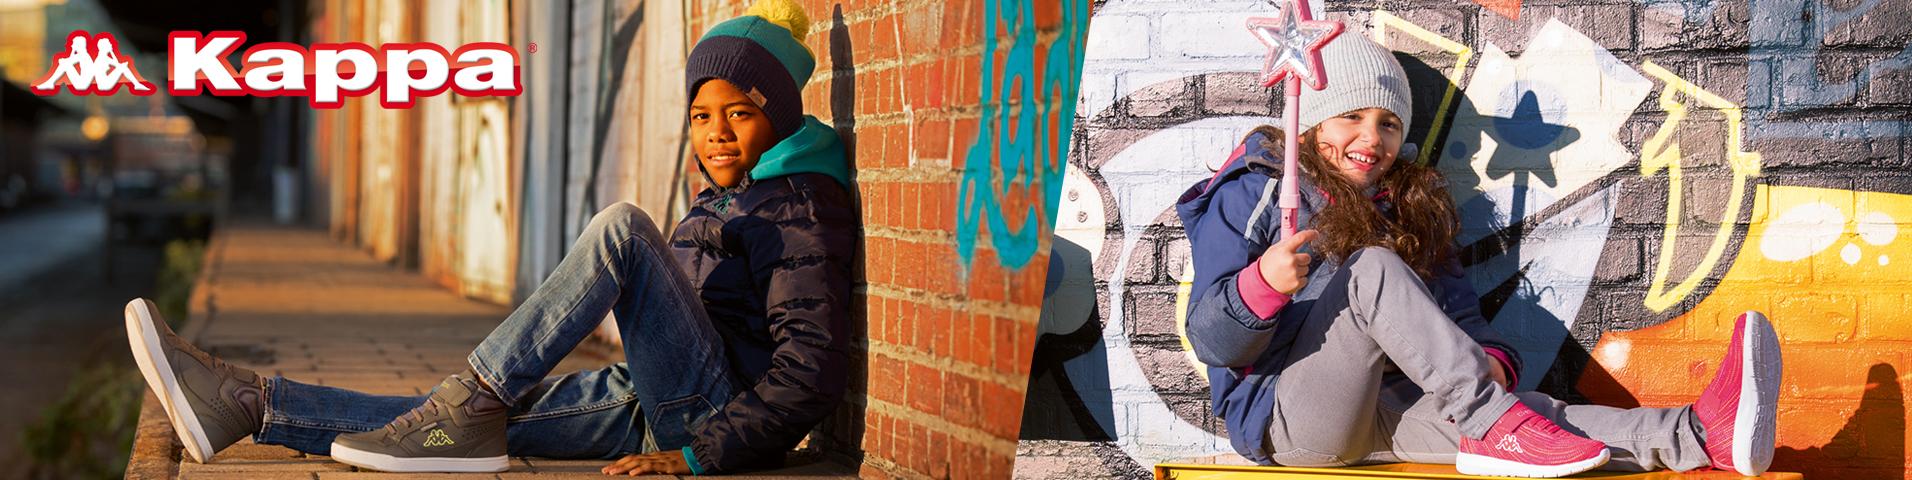 Scarpe per bambini Kappa rosso | Promo su Zalando